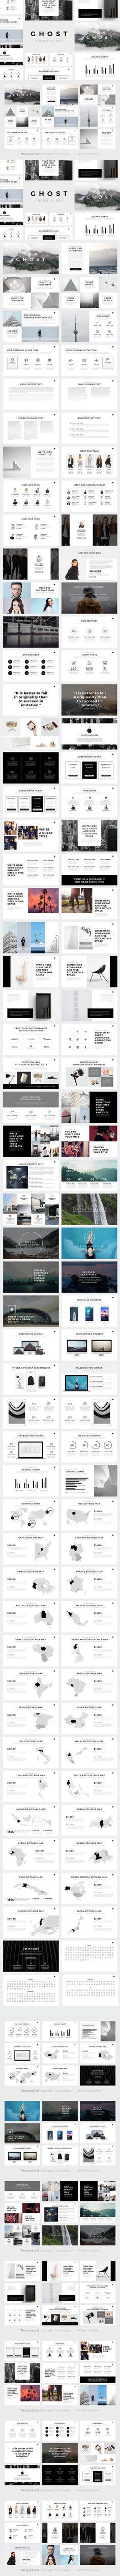 Hideung pitch deck powerpoint template ghost minimal google slides template google slides templates 1500 toneelgroepblik Gallery